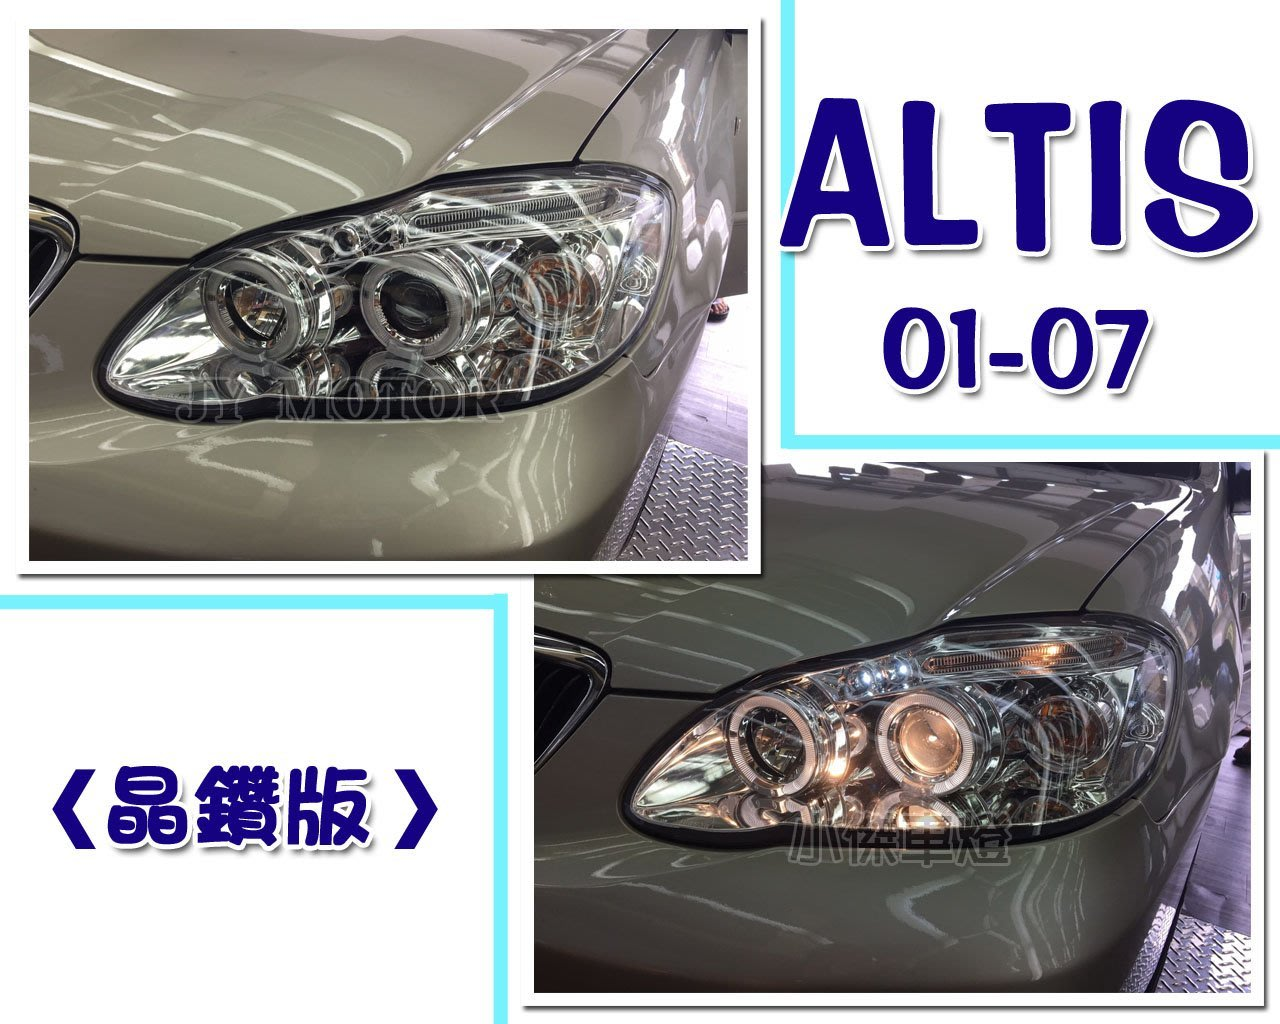 小傑車燈精品--全新 實車 ALTIS 2001 2002 2003年 9代 晶鑽款 燈眉型 光圈 魚眼LED 大燈